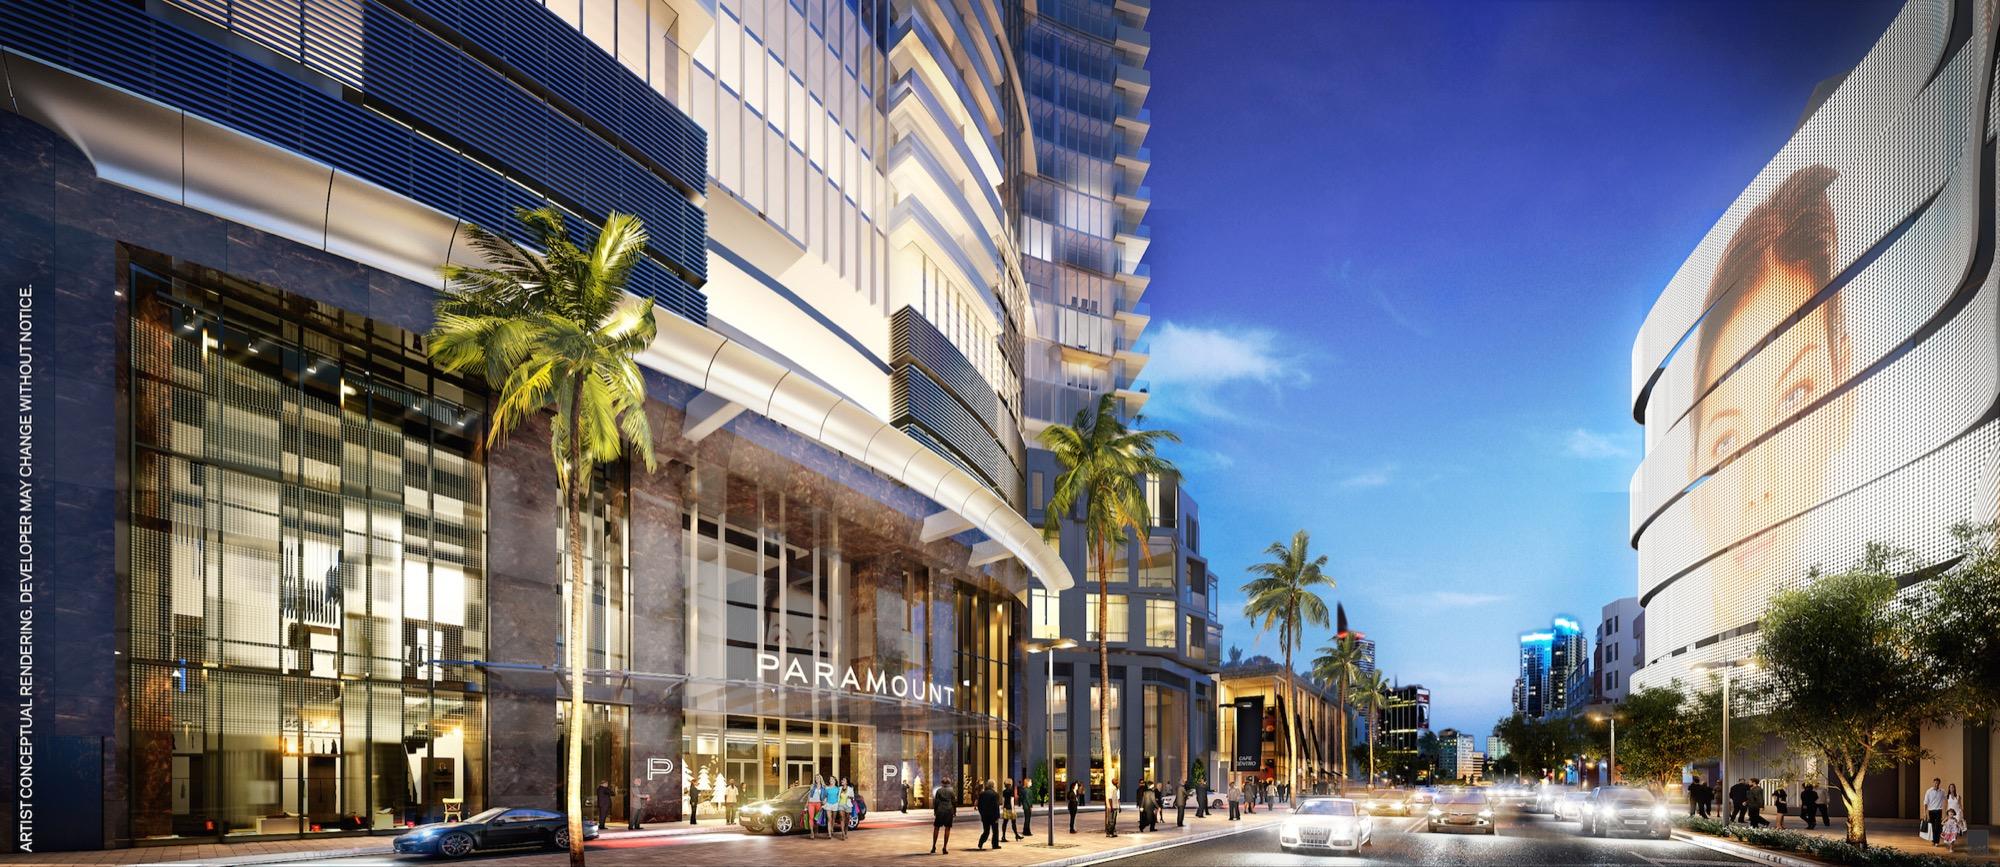 Paramount-Ricky-Centeno-Realtor-Miami-Entrance